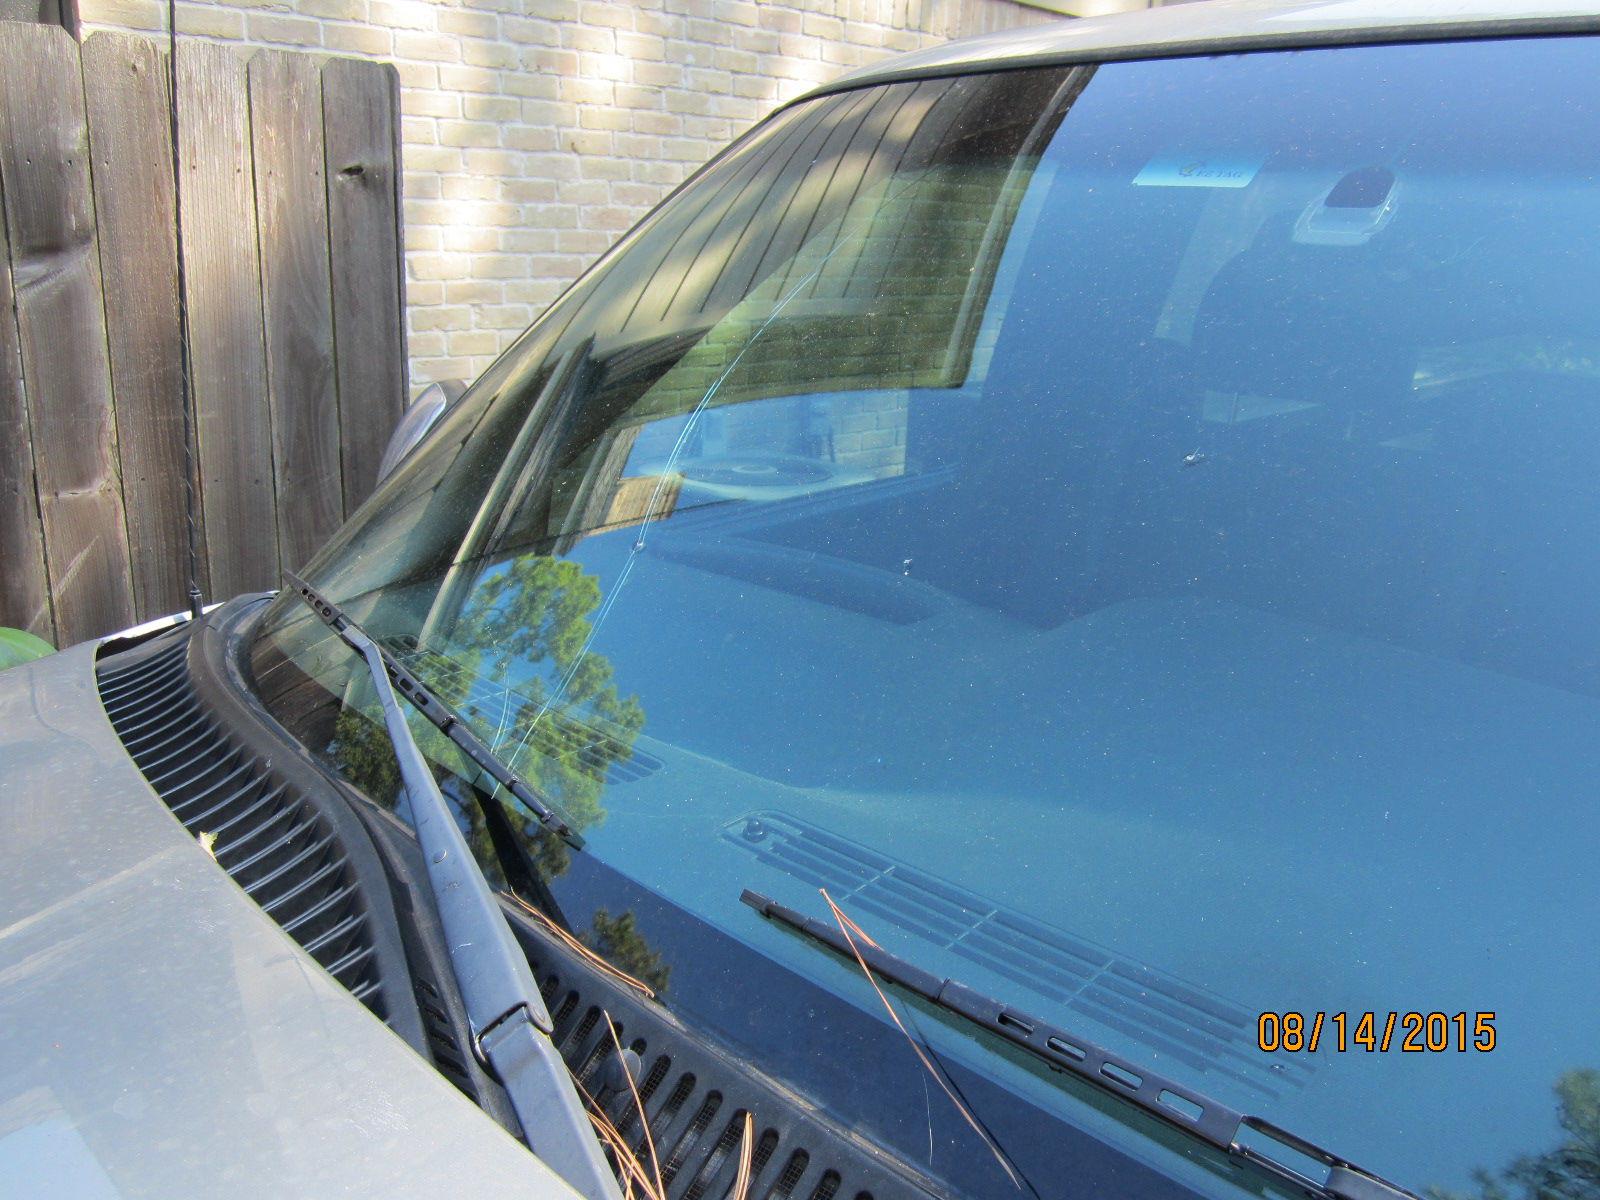 2002 Gmc Sierra C1500 2 Door Standard Cab Windshield